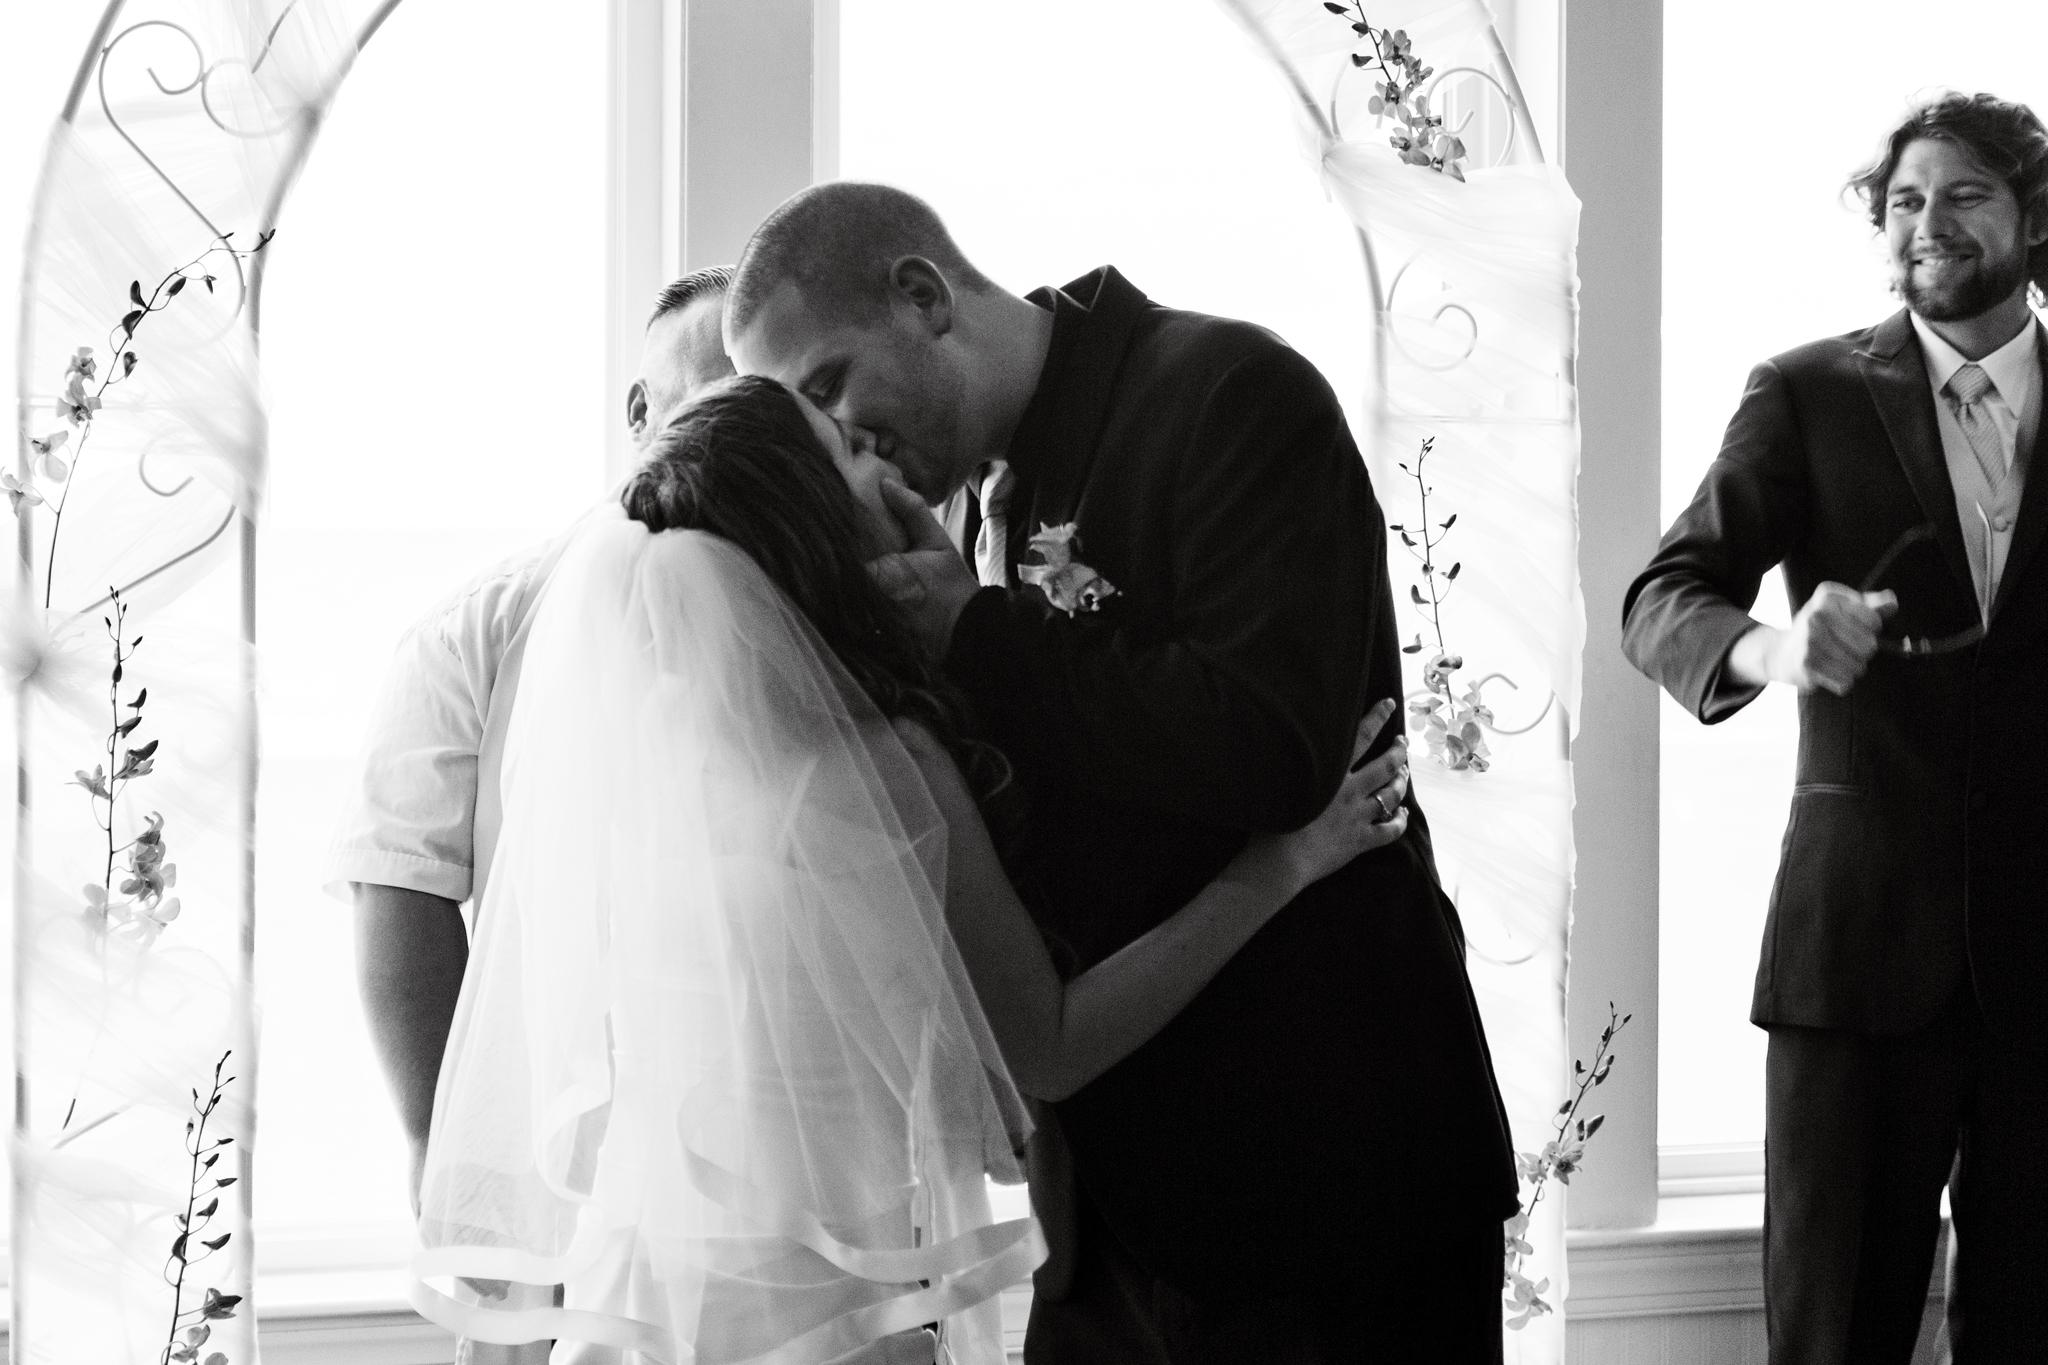 weddings3.jpg